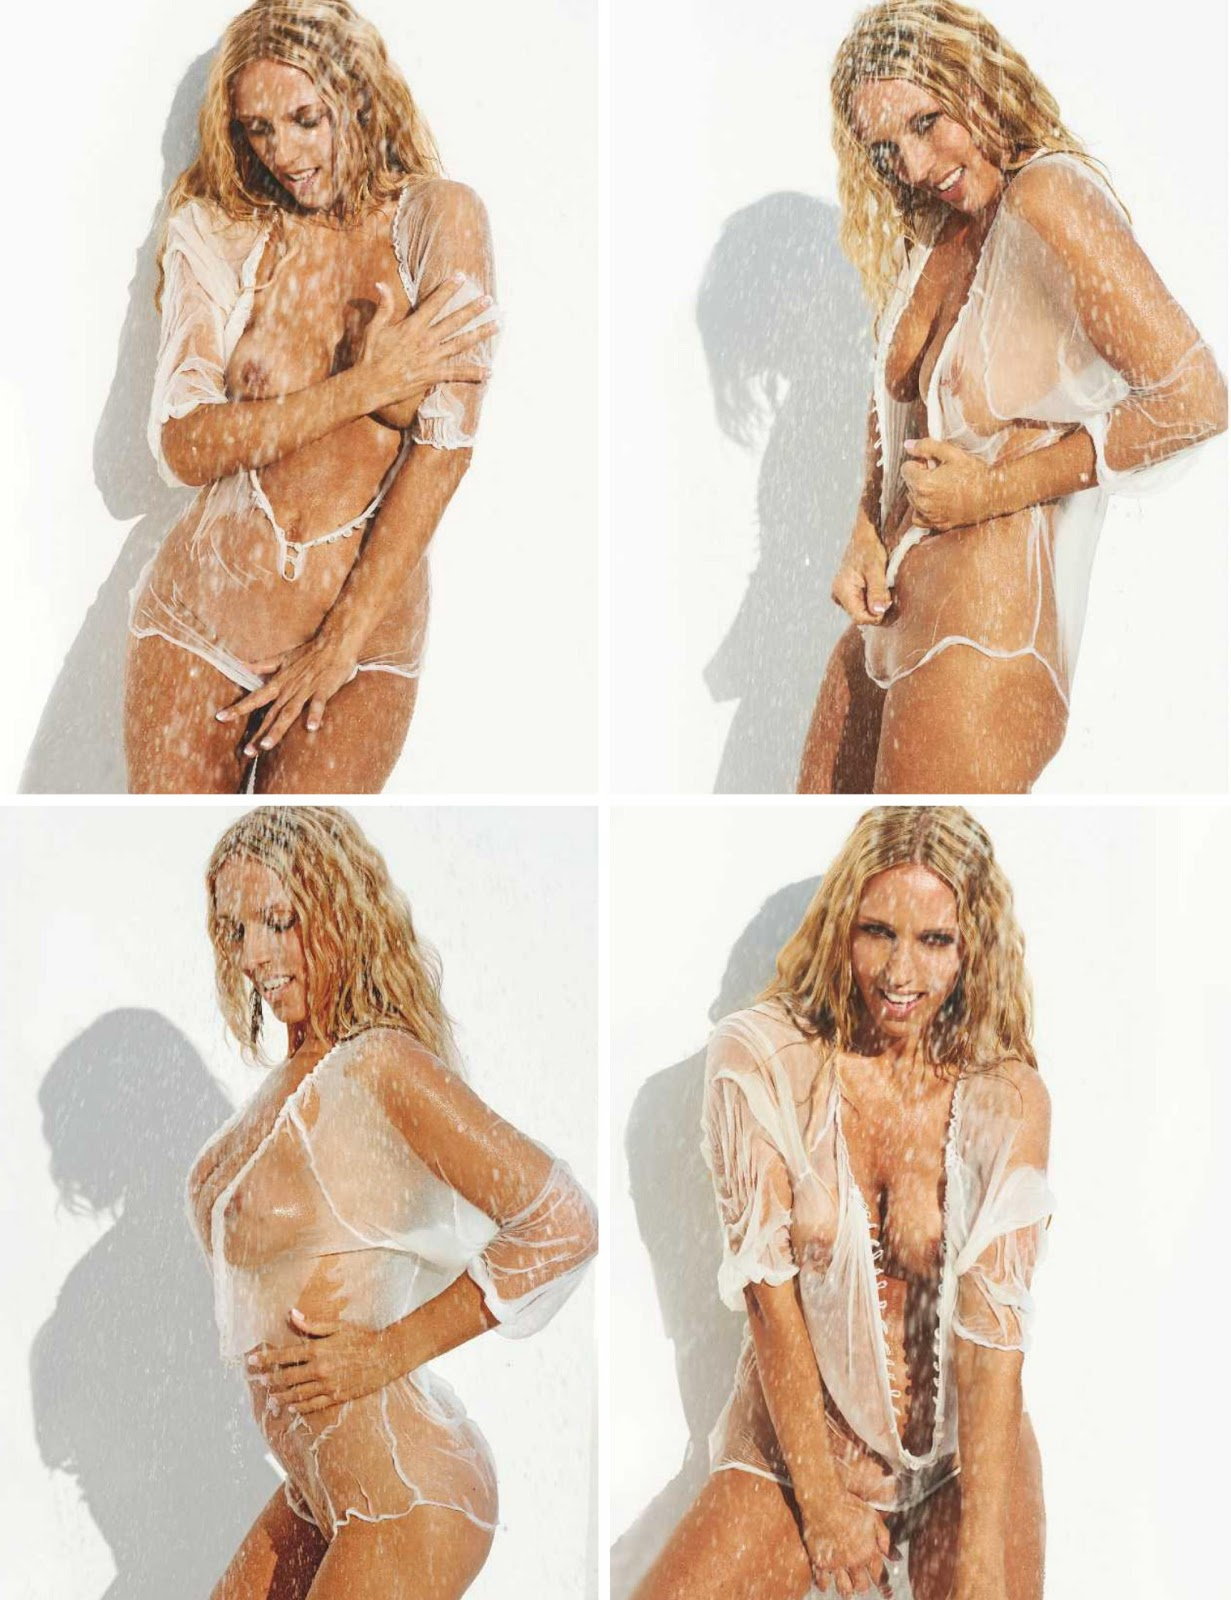 Lori grimes nude